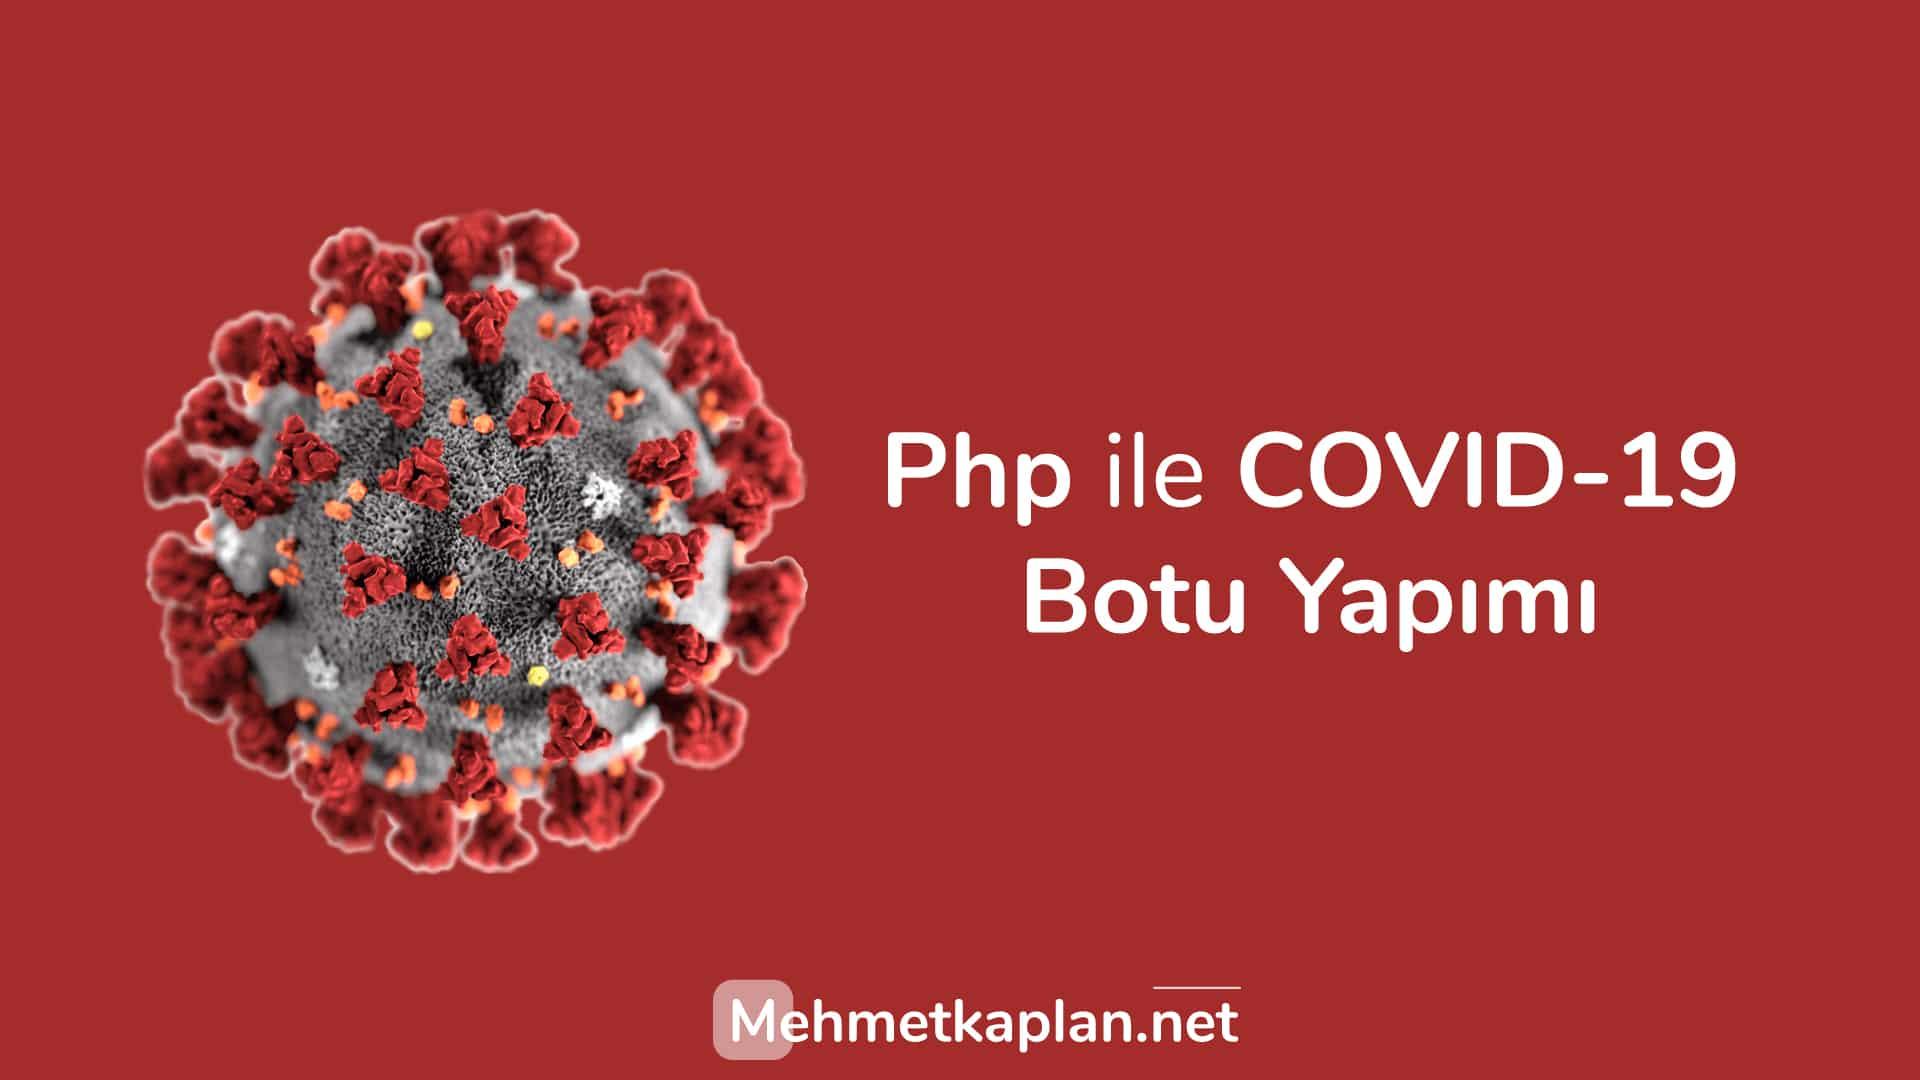 Php ile Korona Virüs (COVID-19) Botu Yapımı